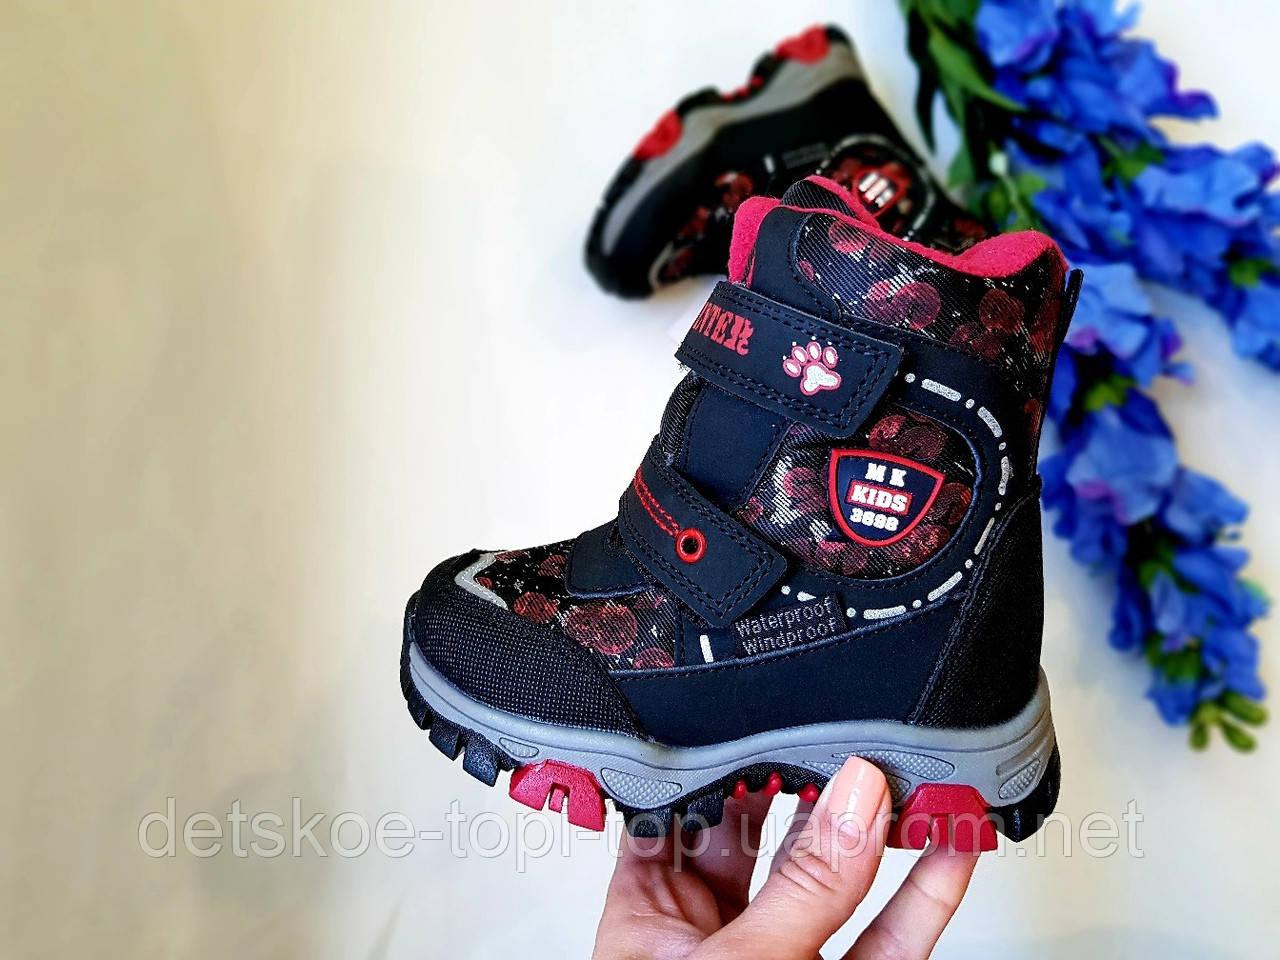 Зимние термо-ботинки для мальчика, размер 25,26,27